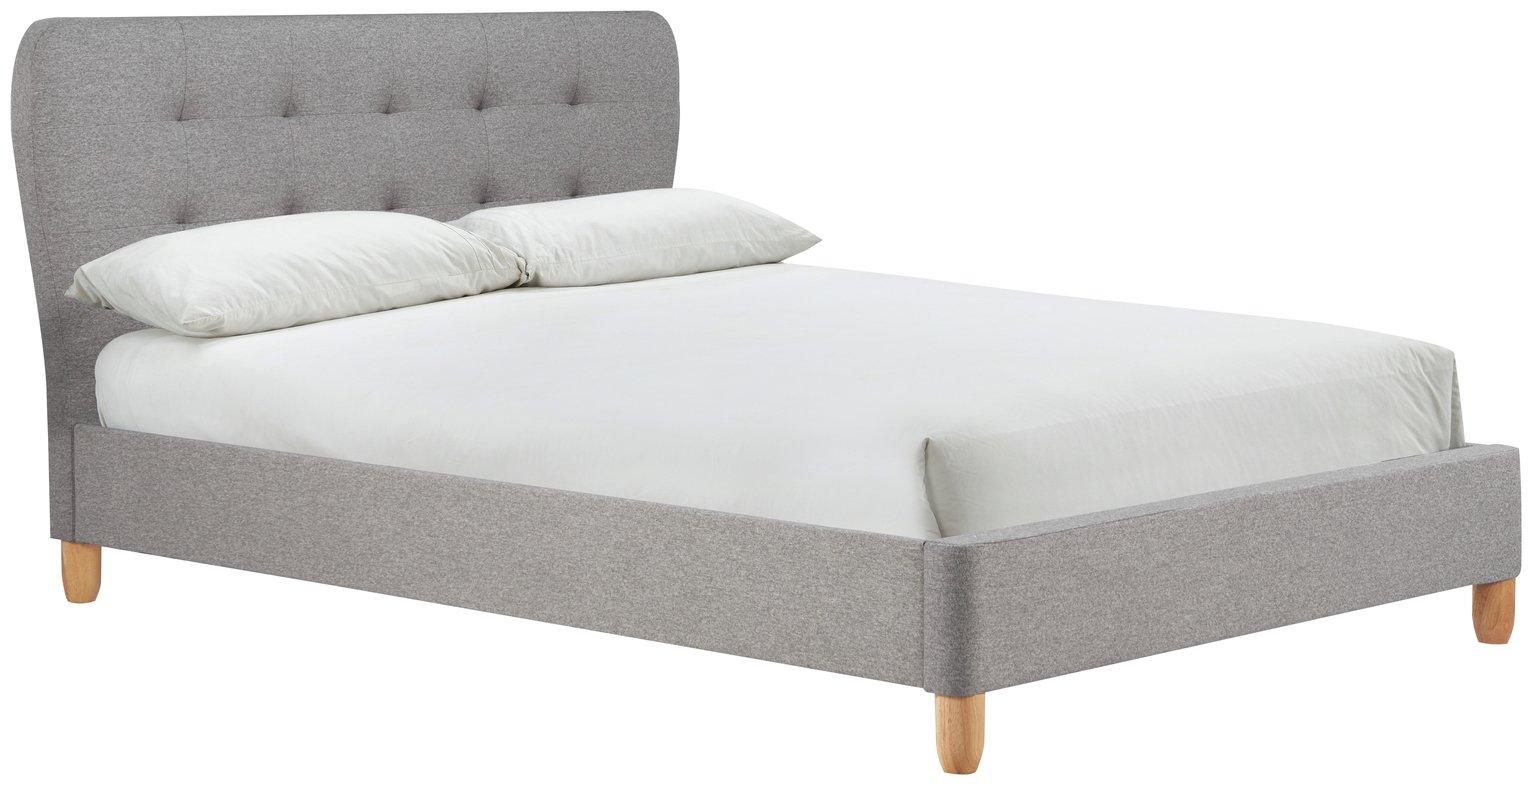 Birlea Stockholm Grey Kingsize Bed Frame